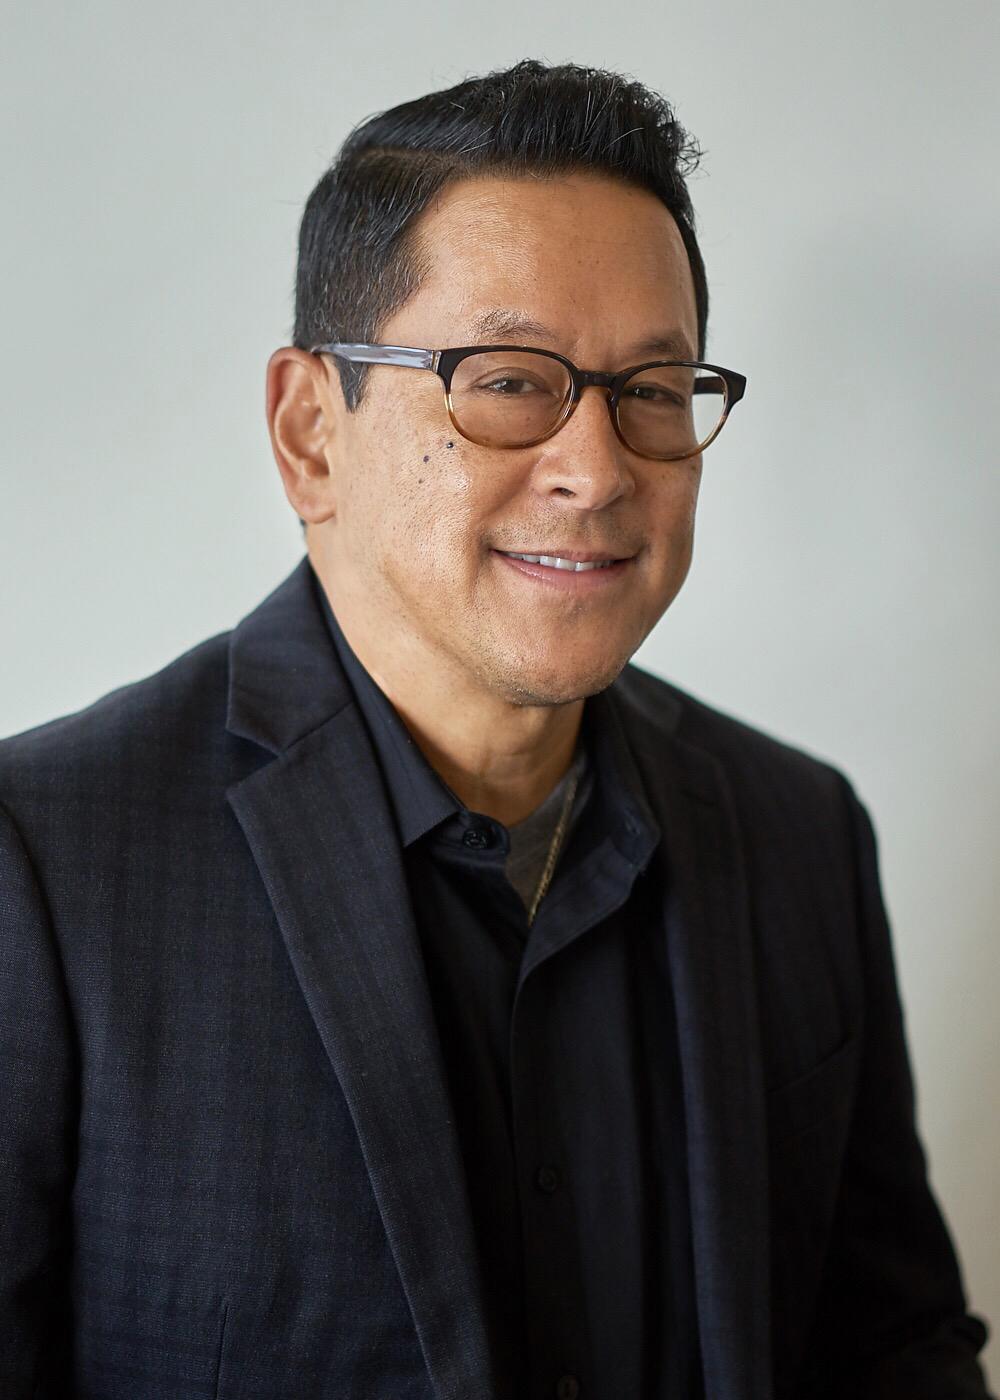 Meet Richard Tanega, the business manager at Tanega Dental in South San Francisco.